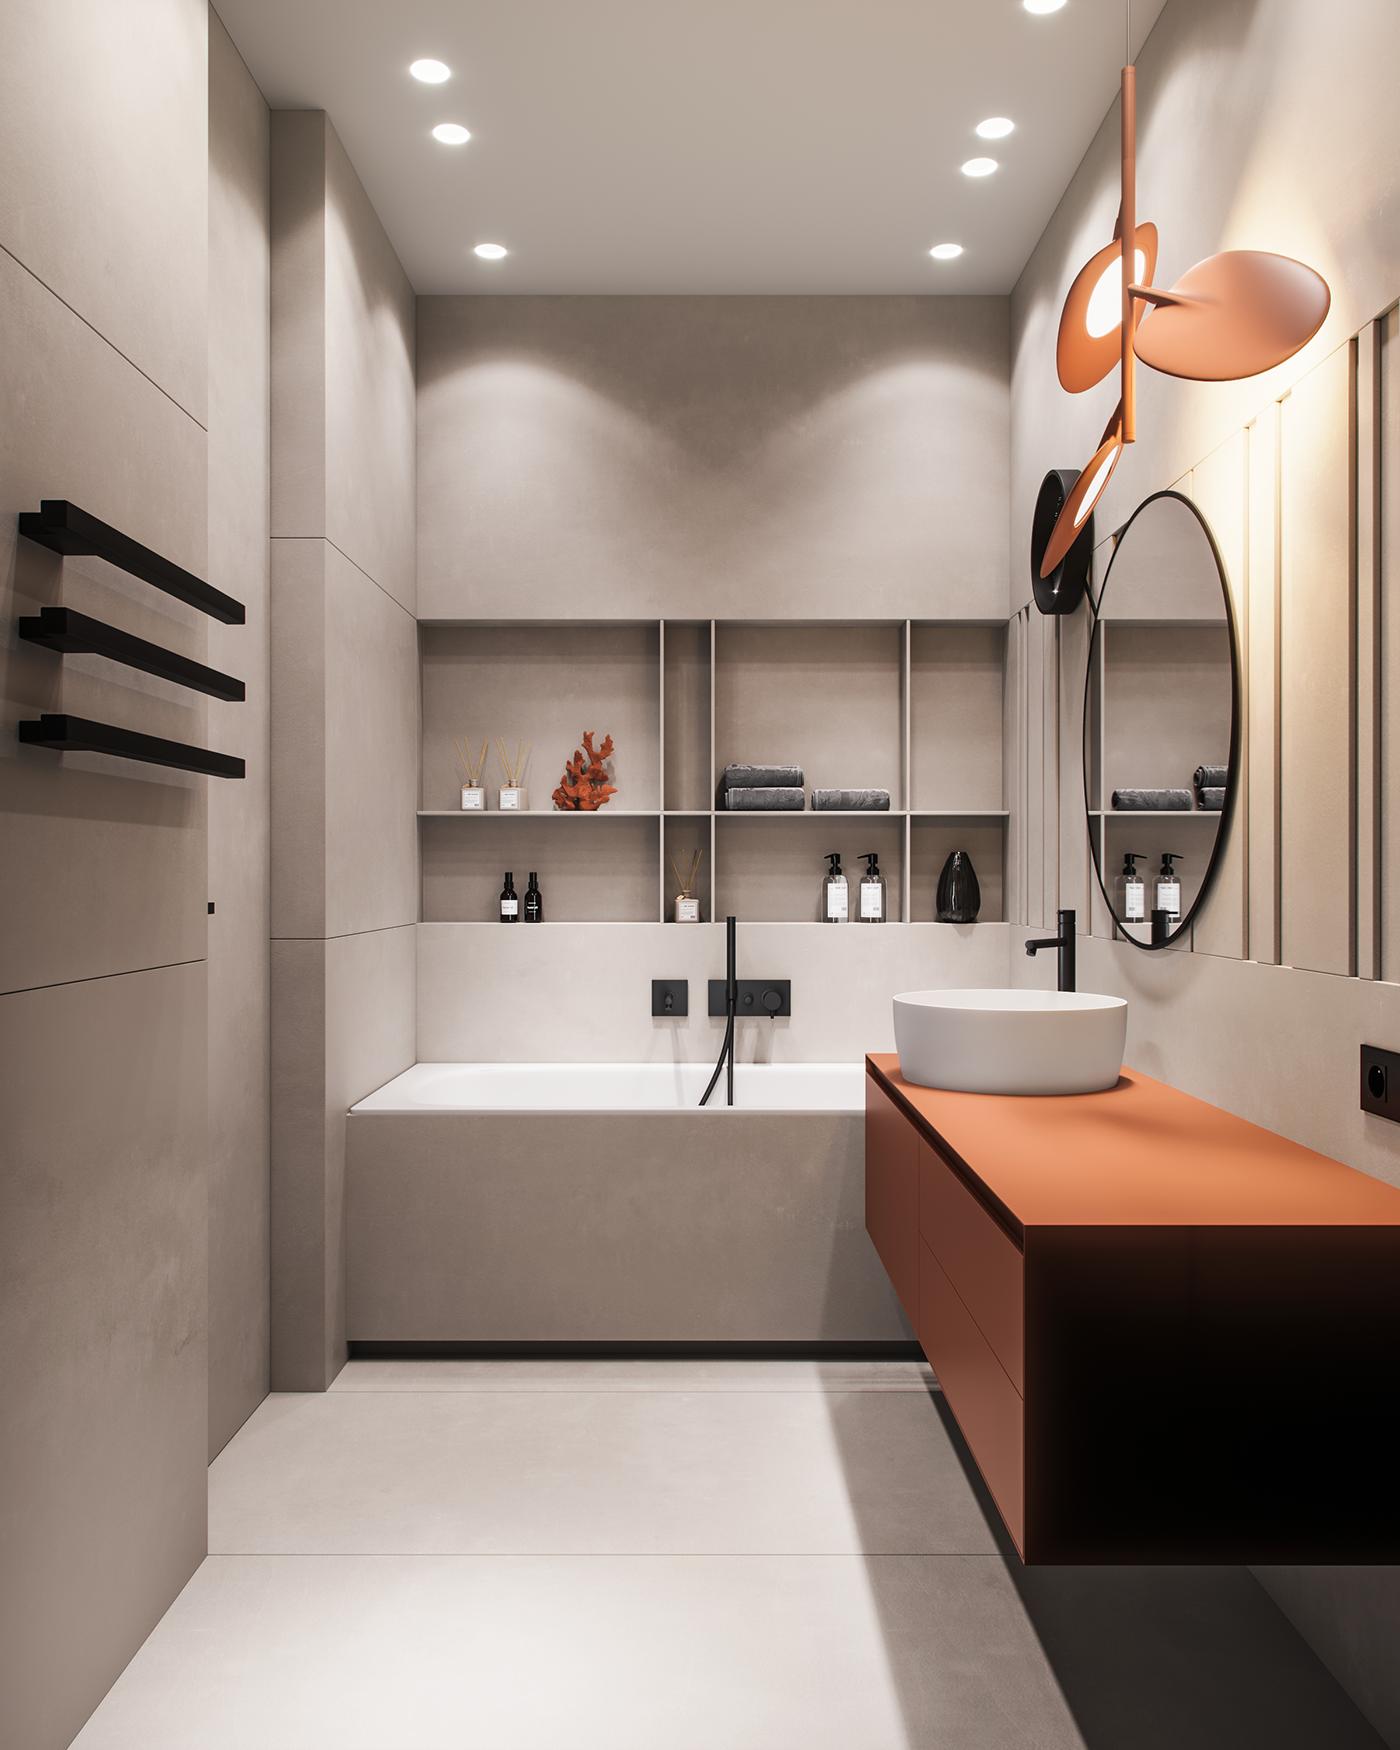 Mops The Brick On Behance Krasivye Vannye Komnaty Interer Dizajn Interera